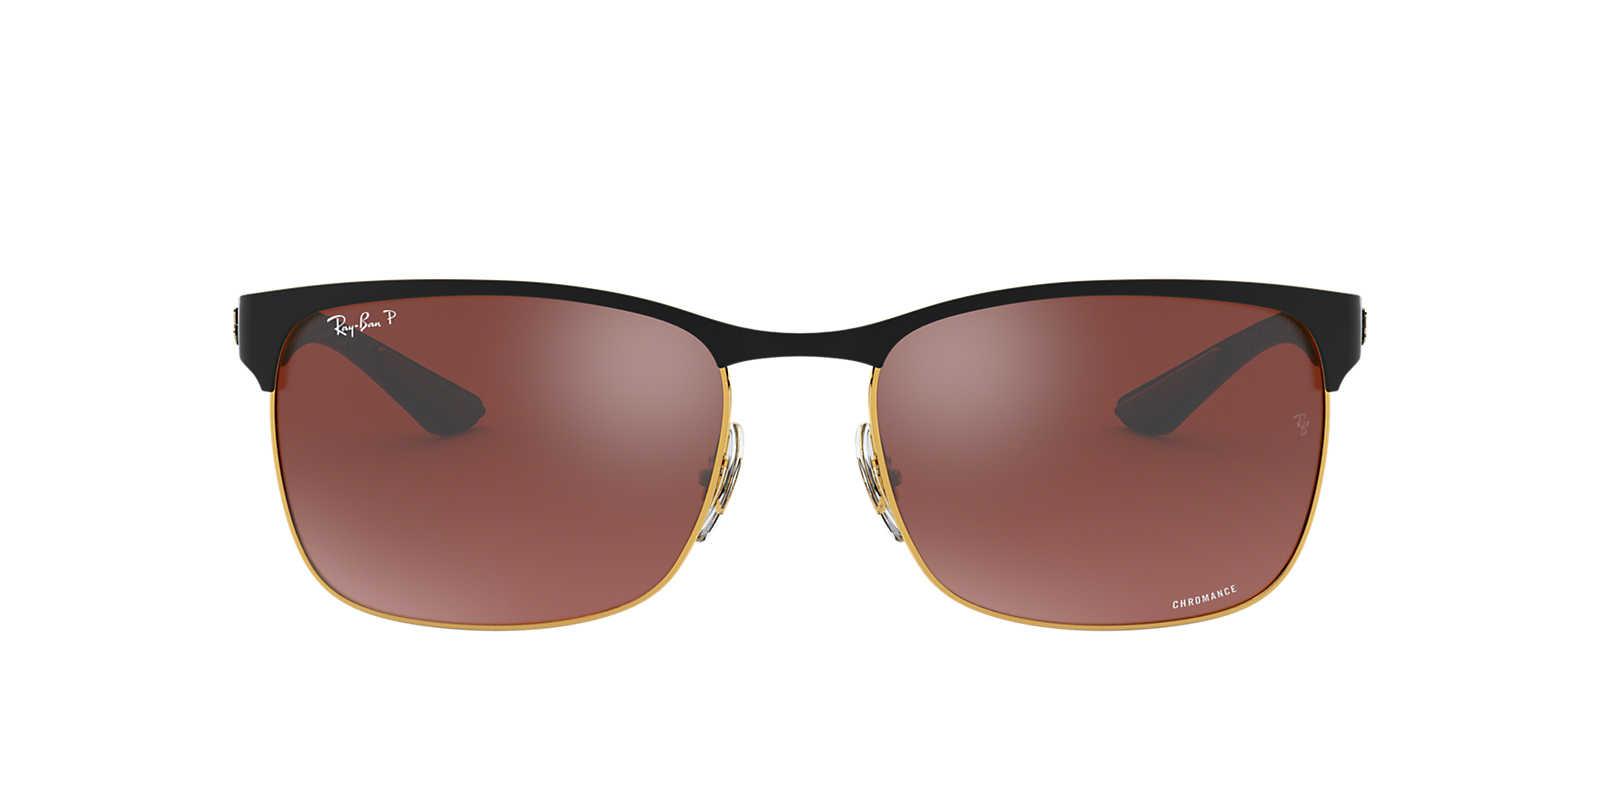 Marcas De Oculos De Sol Mais Vendidos « One More Soul 5c1fa9e8d4